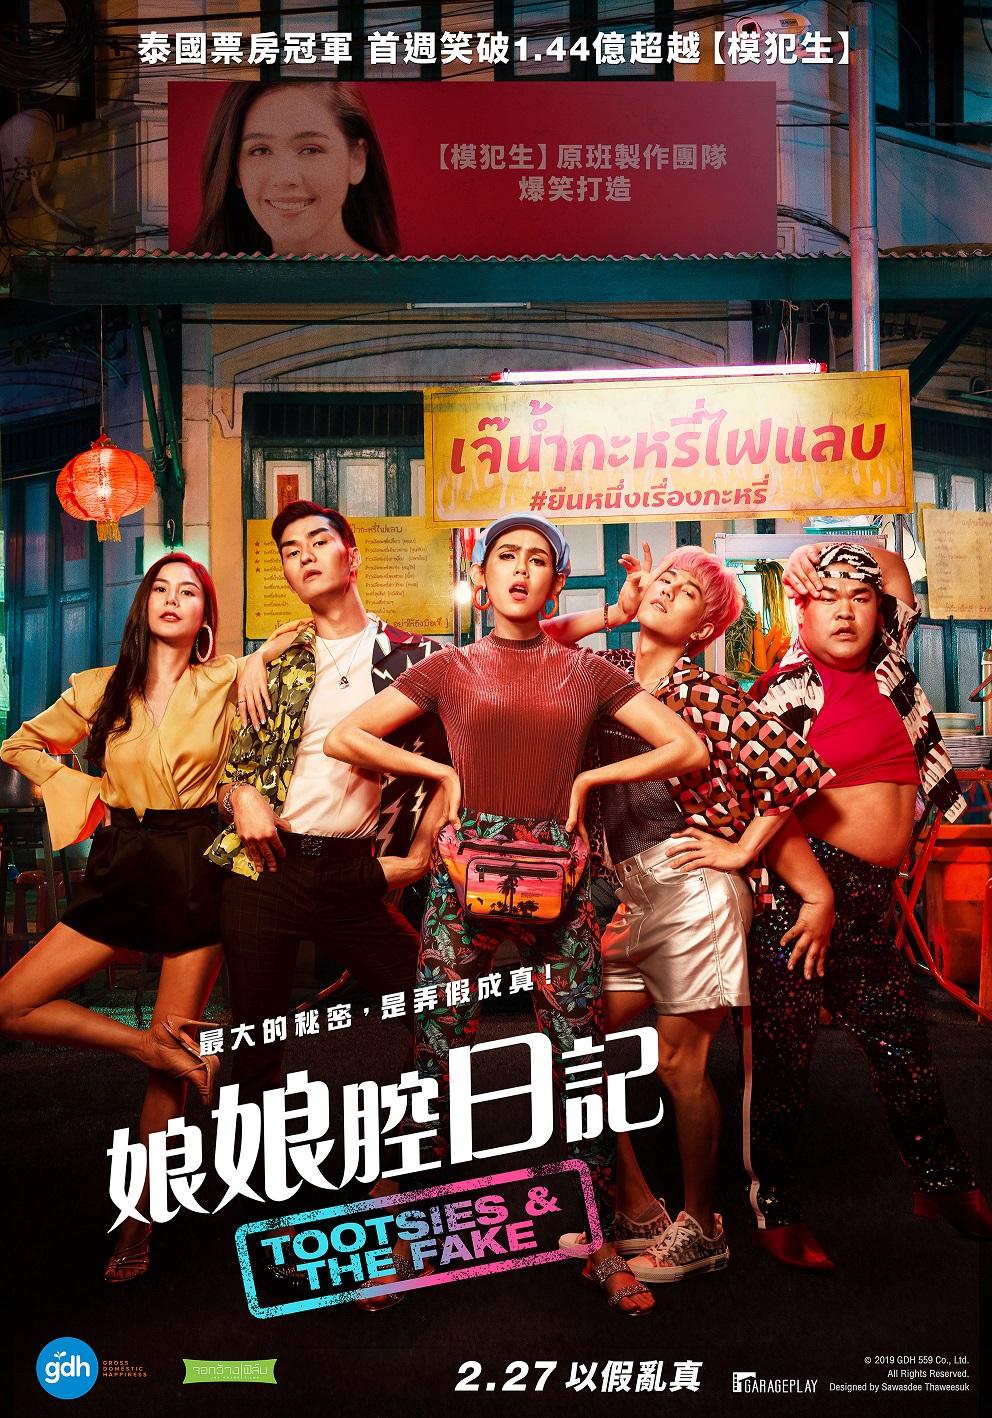 《娘娘腔日記》女神大跳熱舞還願 同志電影總遭轟...導演直呼「不只是同志電影!」